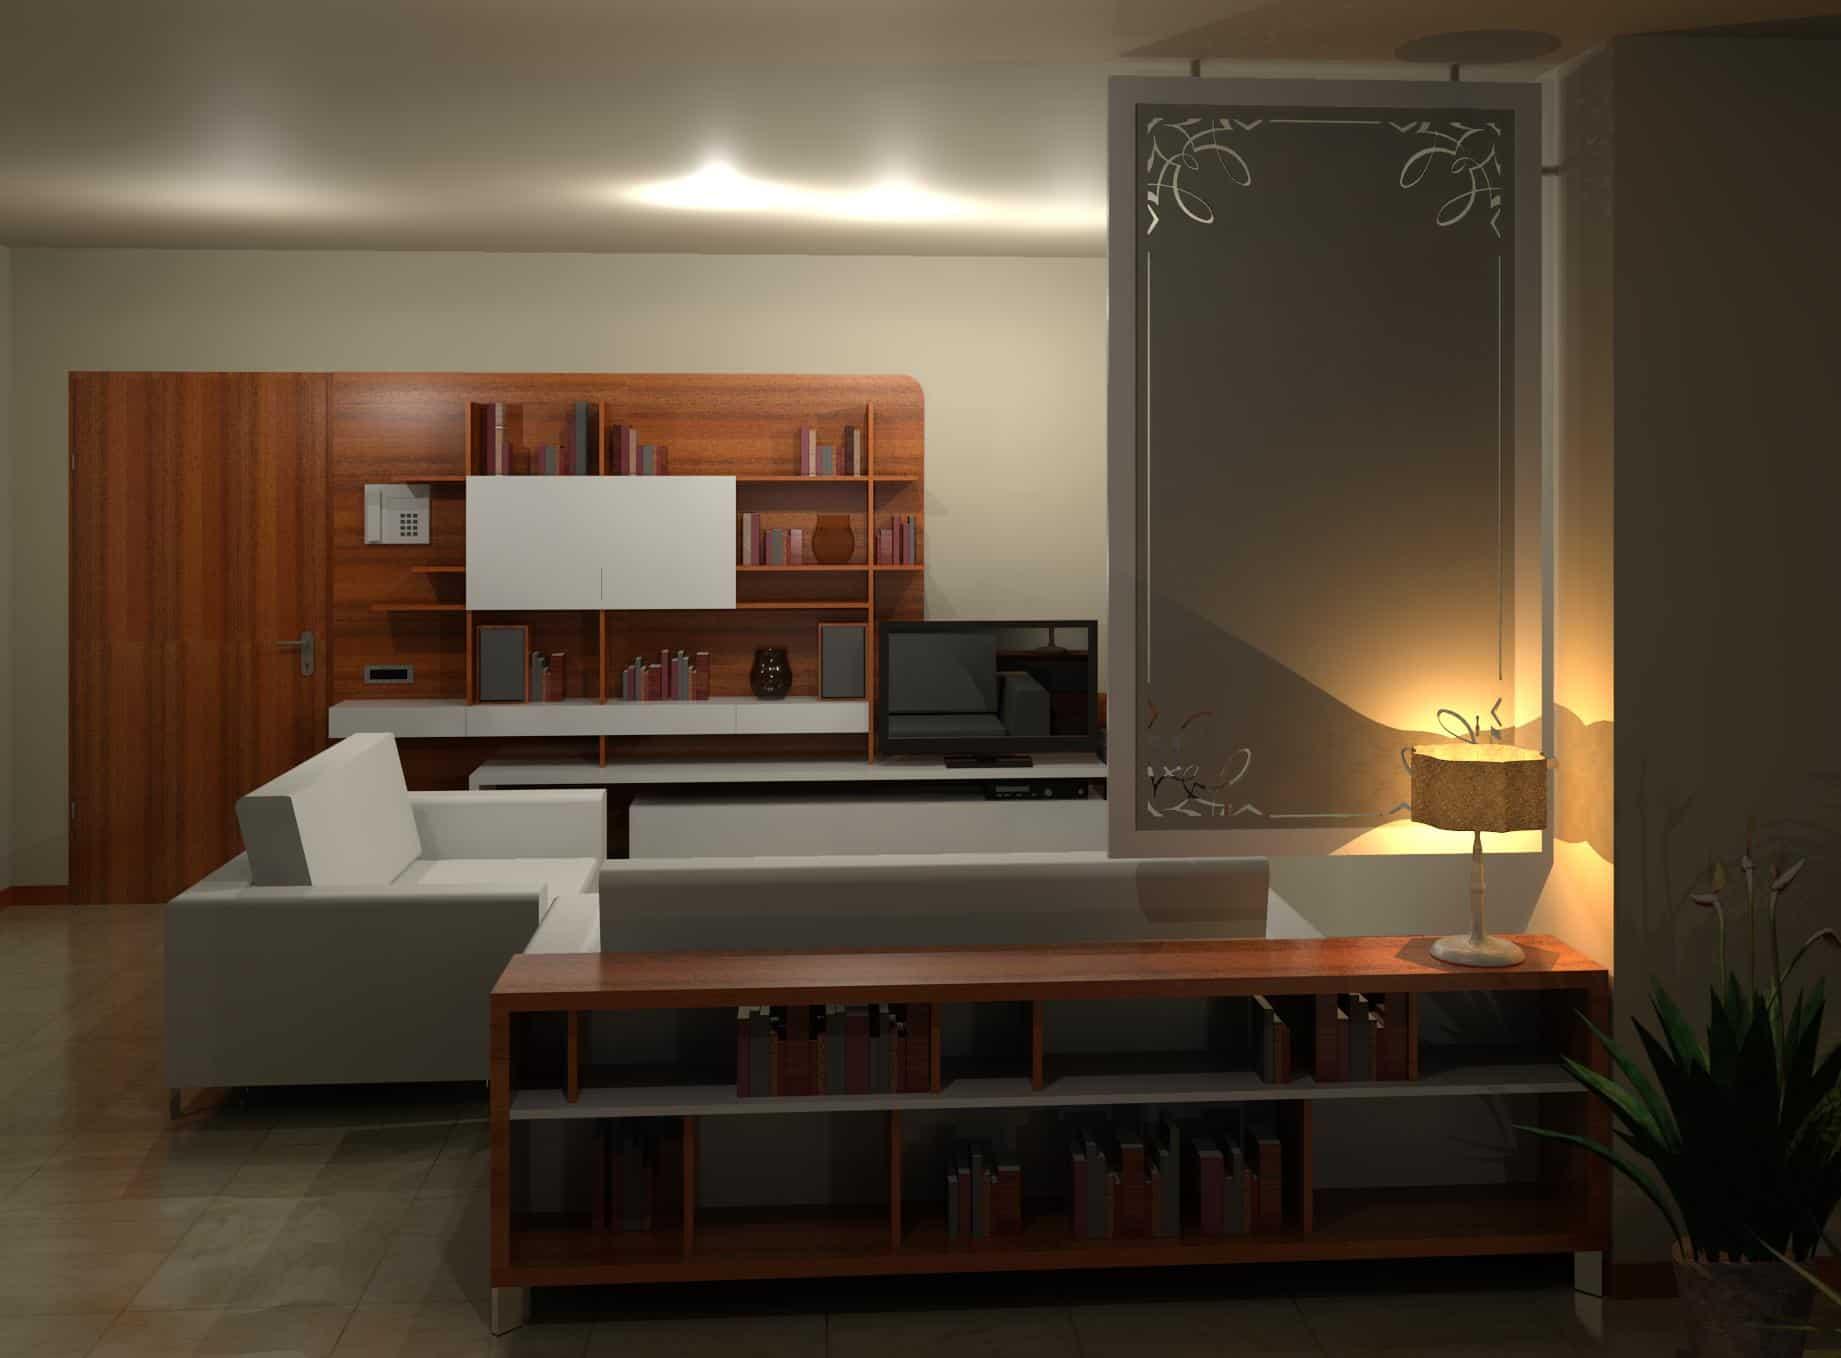 Illuminazione Salotto Led: Illuminazione salotto led con ...